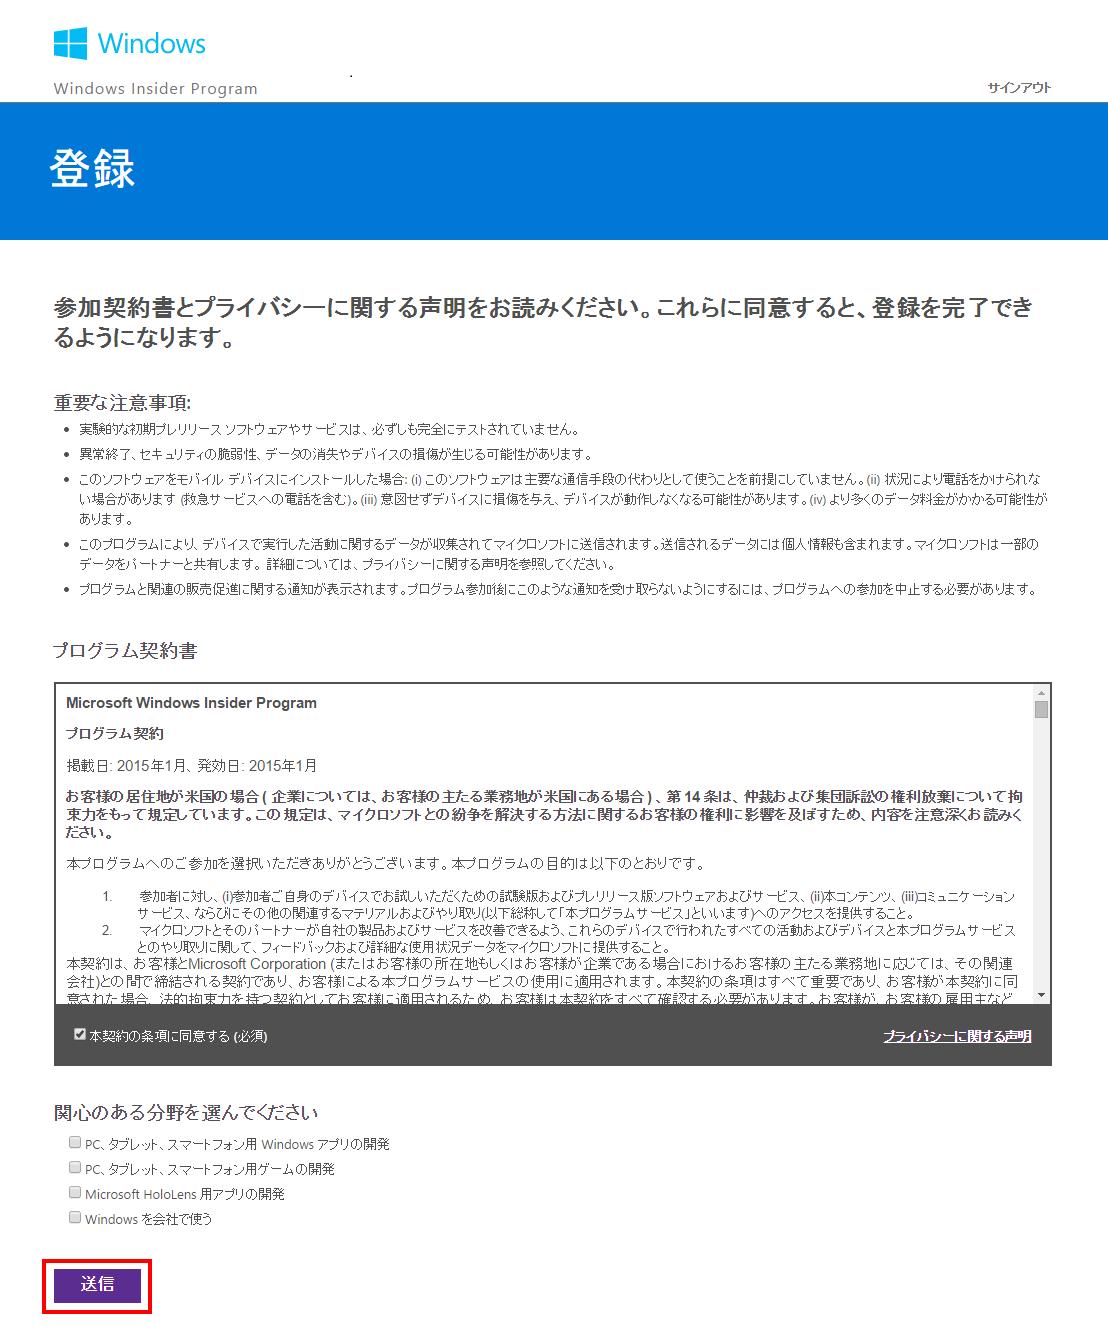 契約書とプライバシーの声明